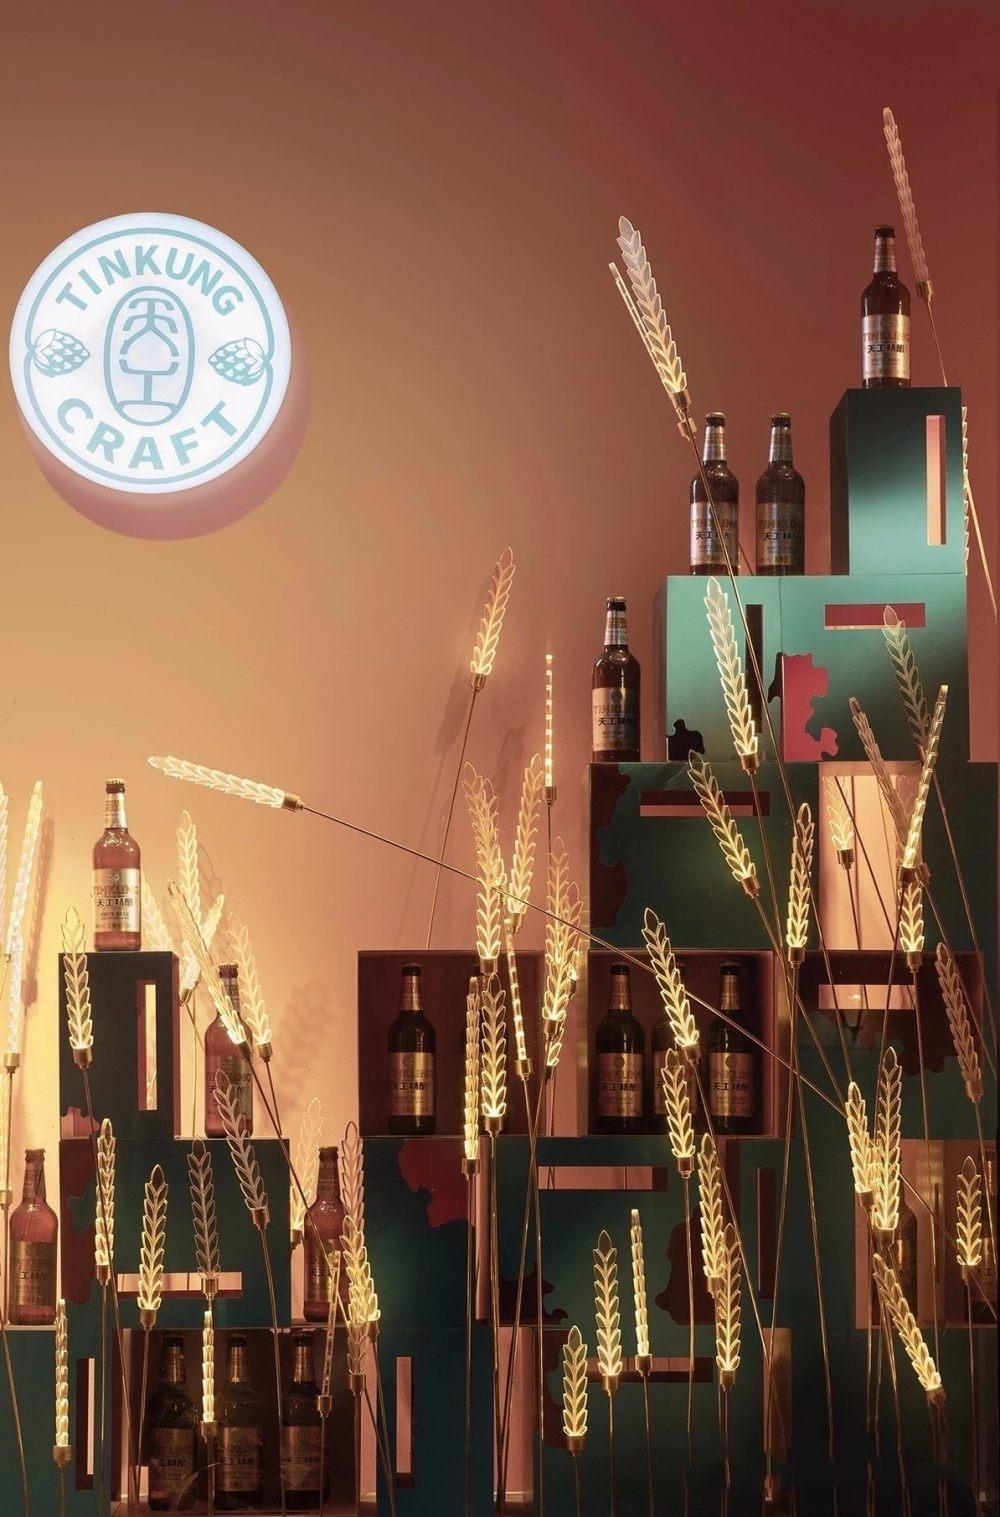 【集美组梁建国设计】3800m²弗莱德小镇啤酒博物馆_【集美组梁建国设计】3800m²弗莱德小镇啤酒博物馆21.jpg